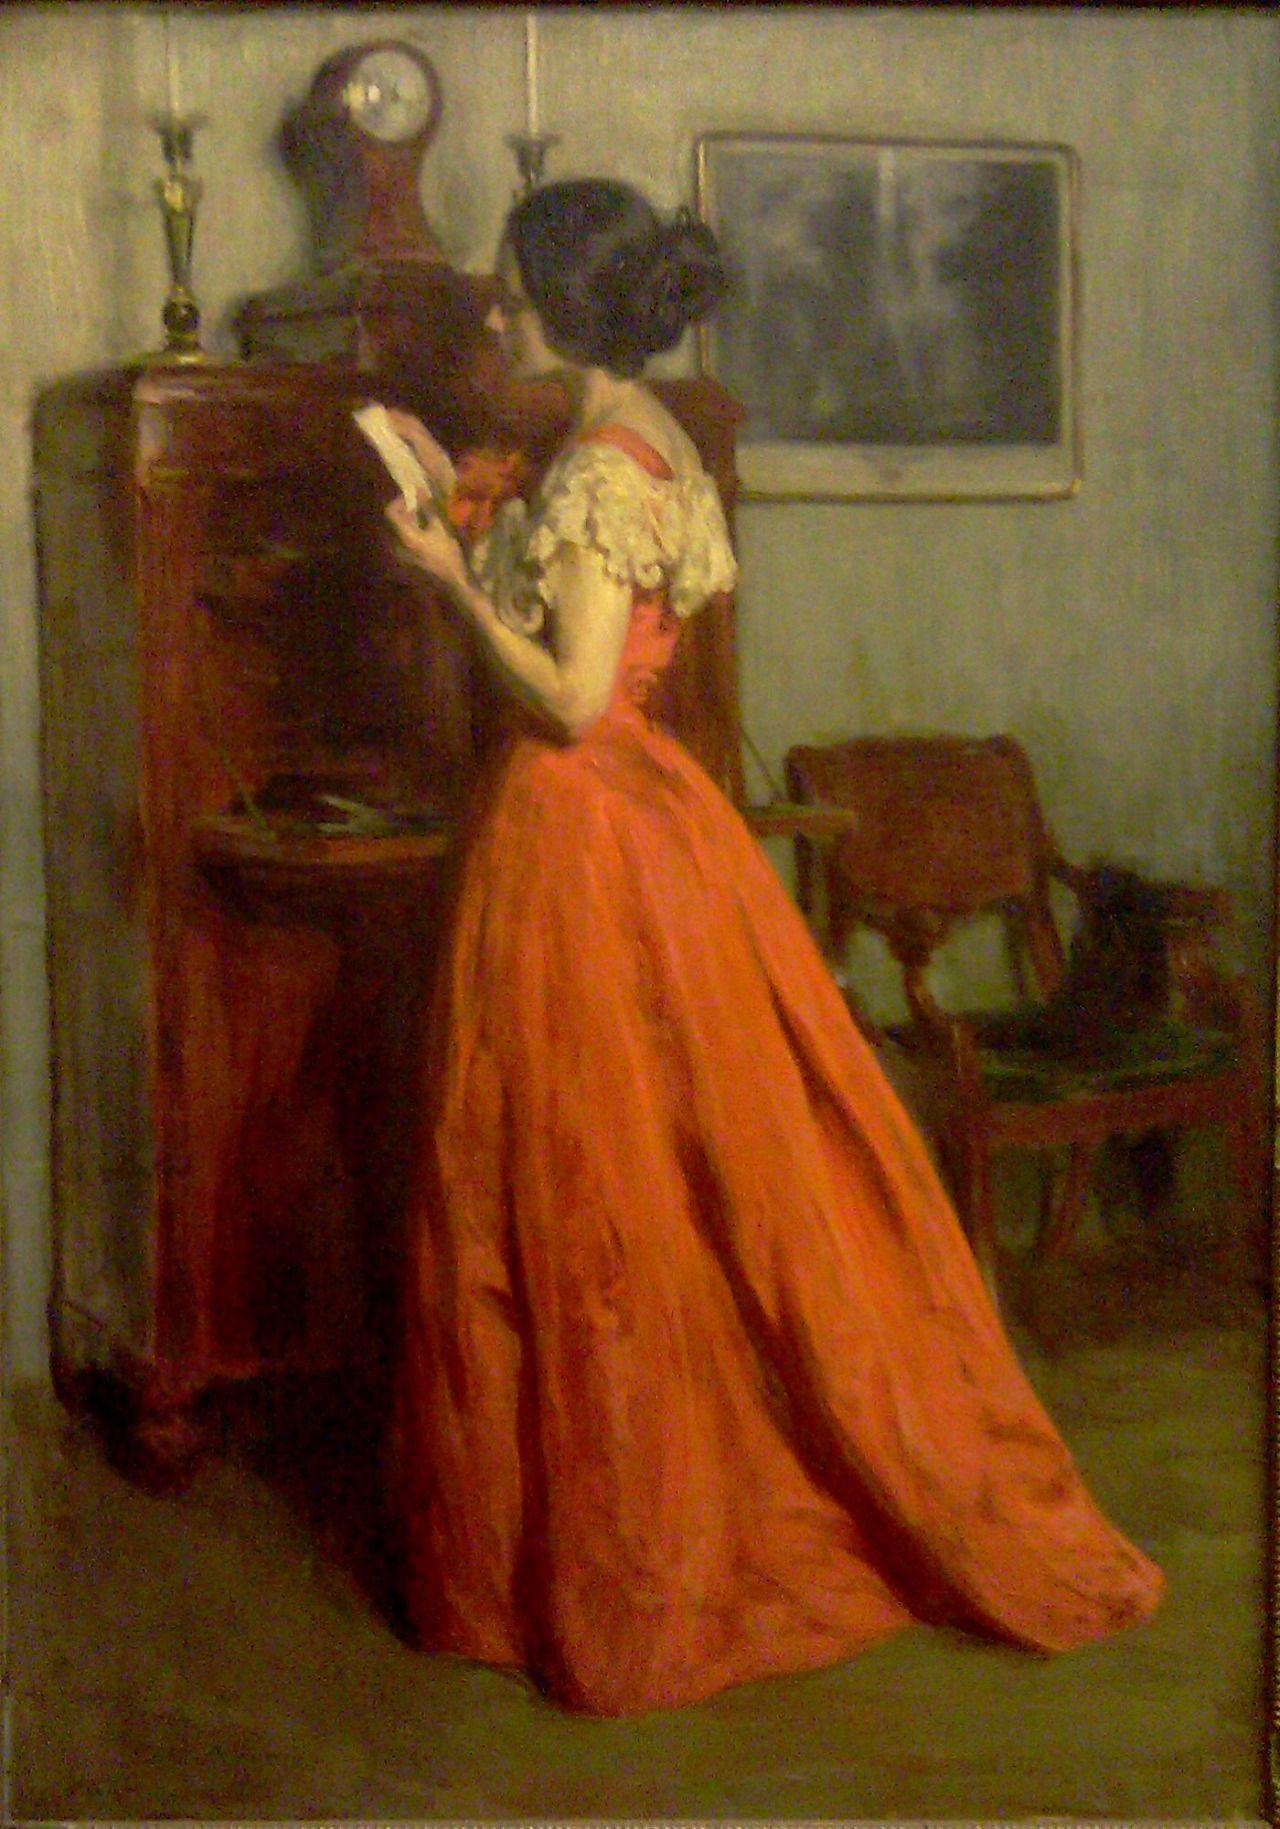 Joseph Braz (1901) Producción artística, Arte, Pintura